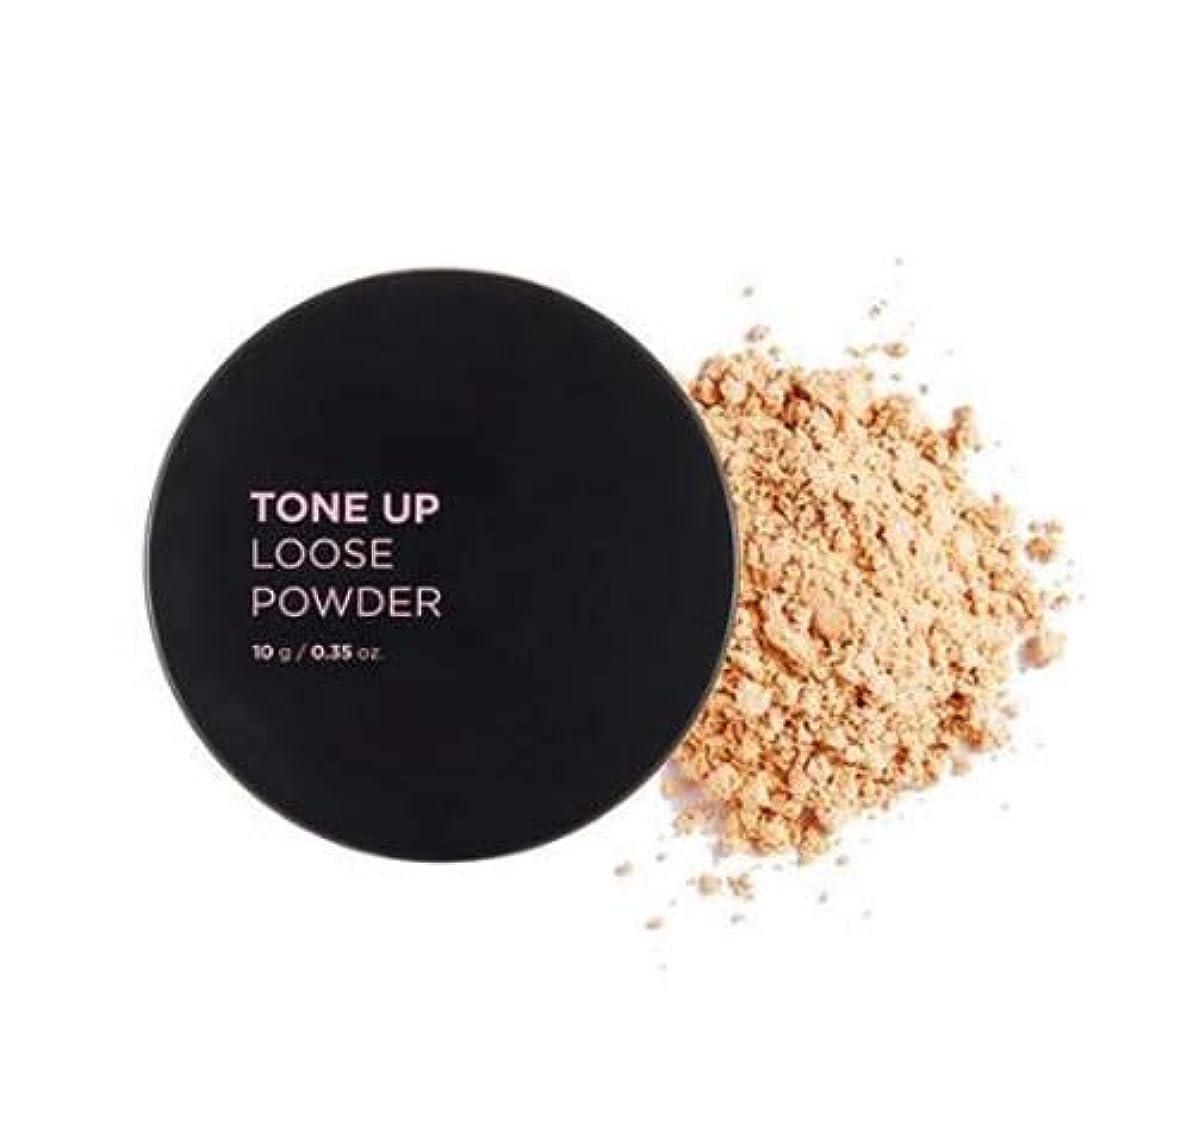 現代段階割合[ザ?フェイスショップ] THE FACE SHOP [トンアップルースパウダー 10g] Tone Up Loose Powder 10g [海外直送品] (#01. Apricot Beige)